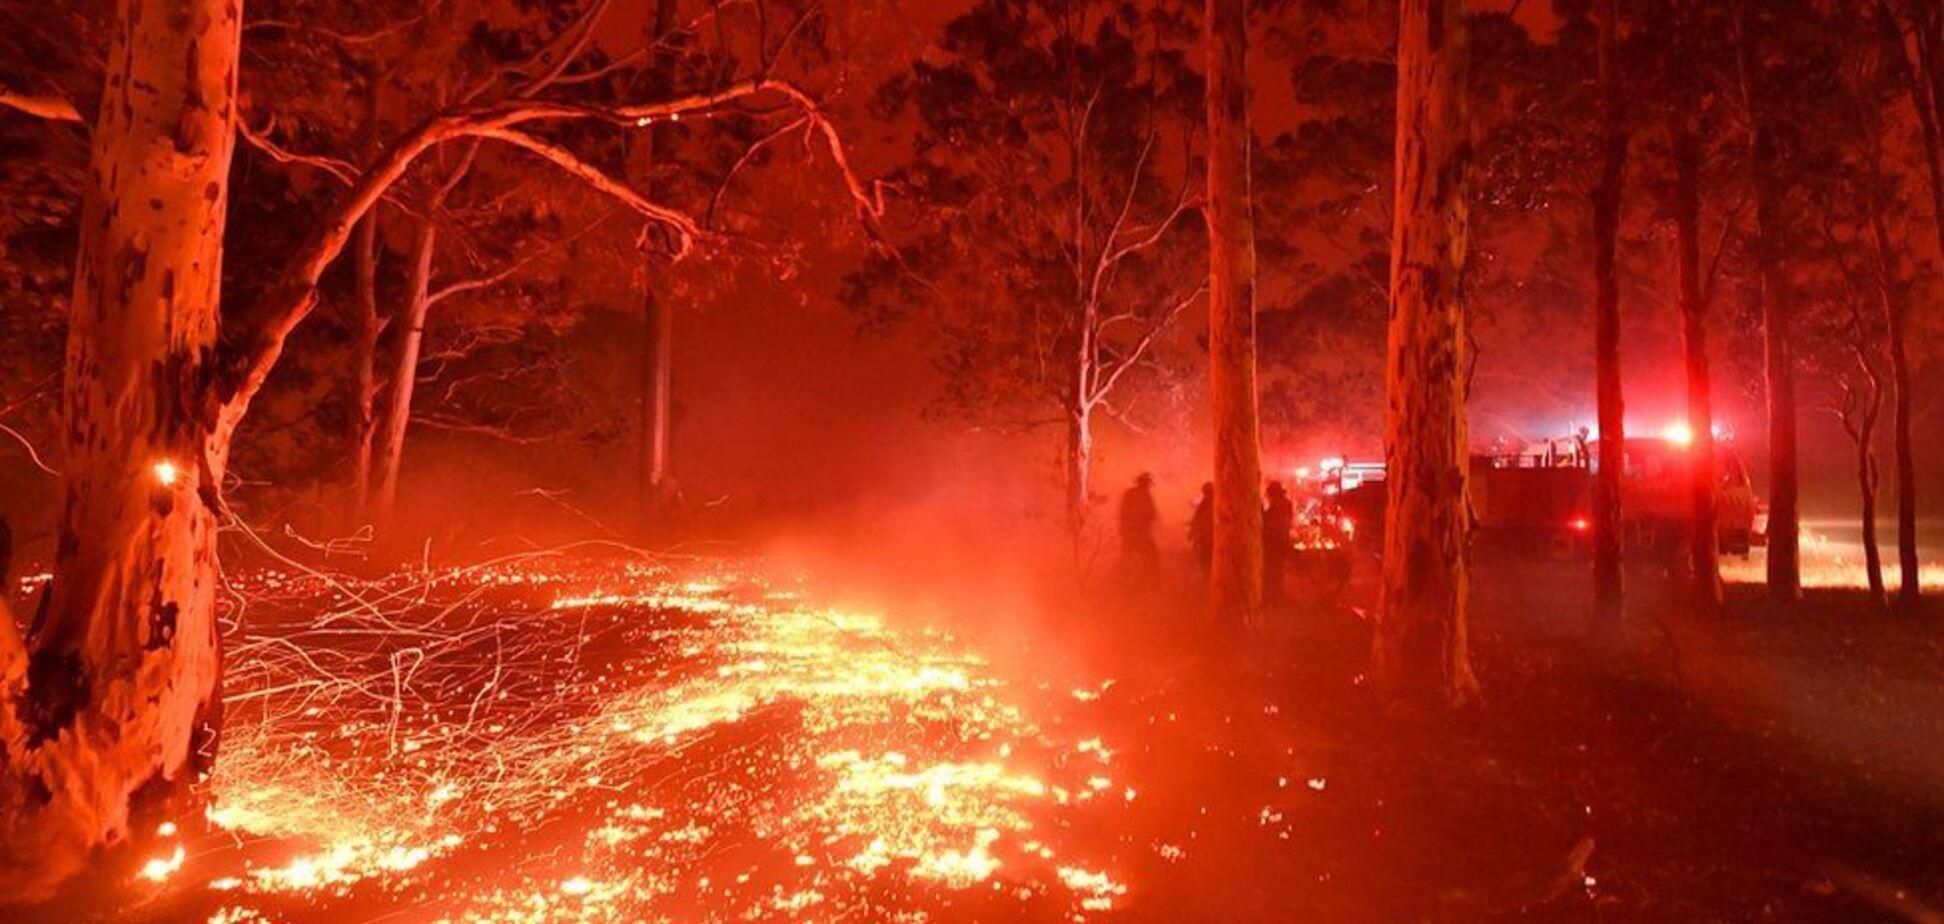 Счет пошел на миллиарды: выяснилось точное количество жертв жутких пожаров в Австралии